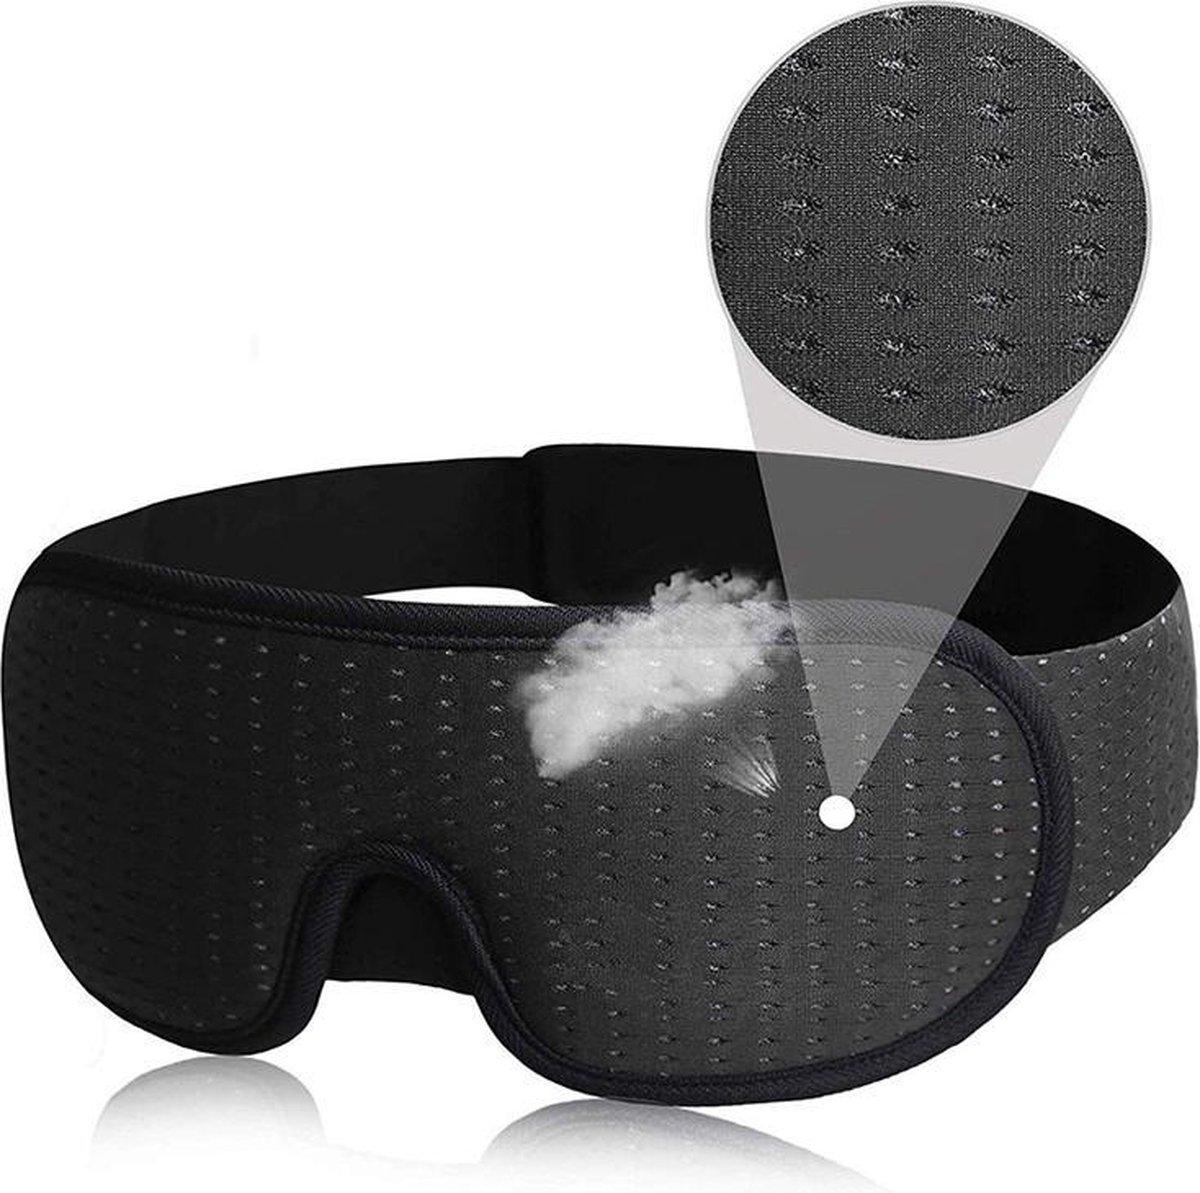 SleepCore  - Slaapmasker - 3D - Oog Masker - Ademend - Slapen - Ooglap - Licht blokkerend -Comfortab